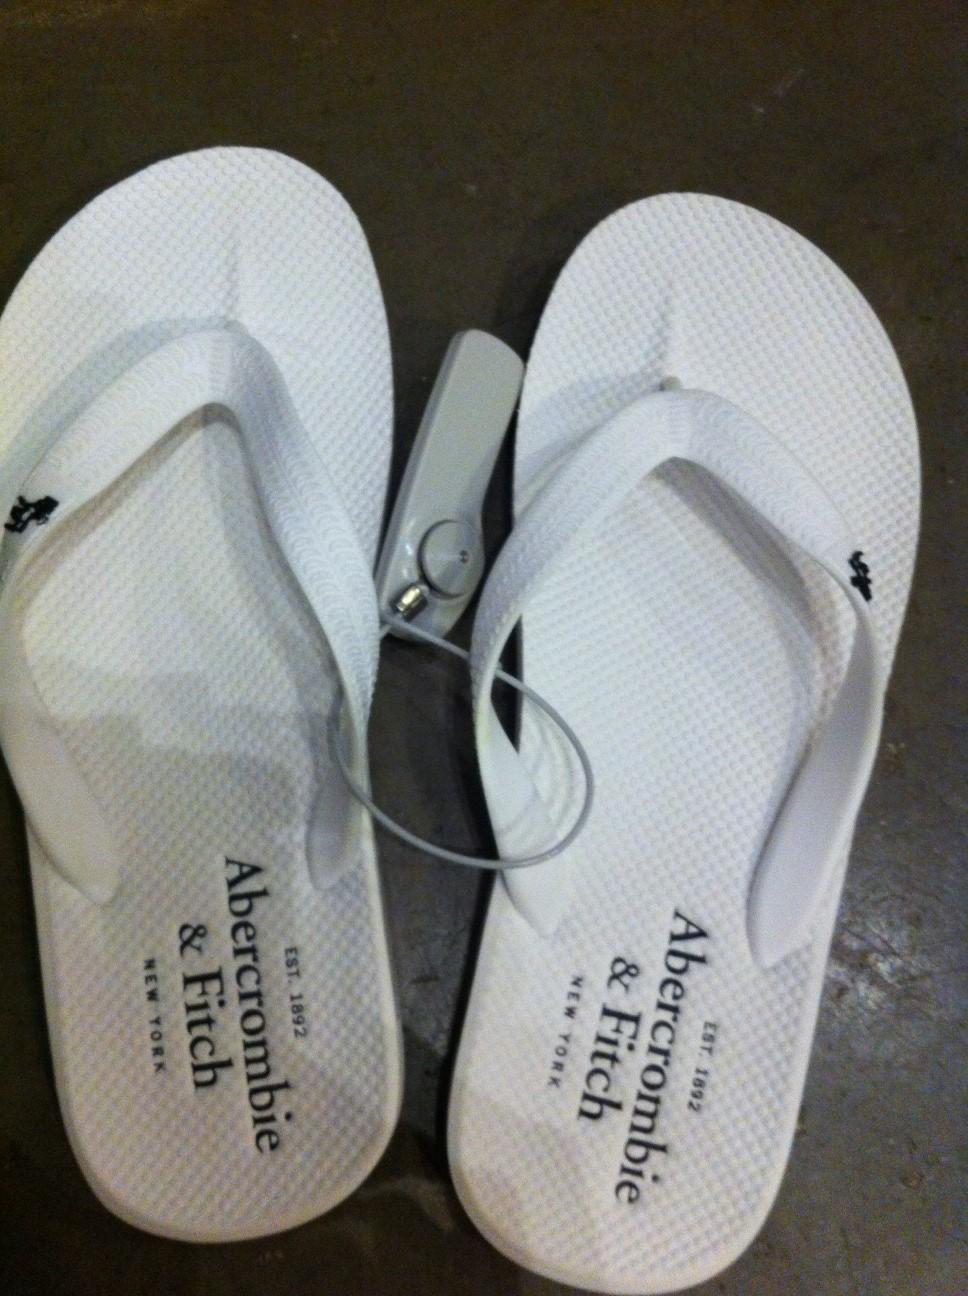 fitch(男/女款)人字拖鞋